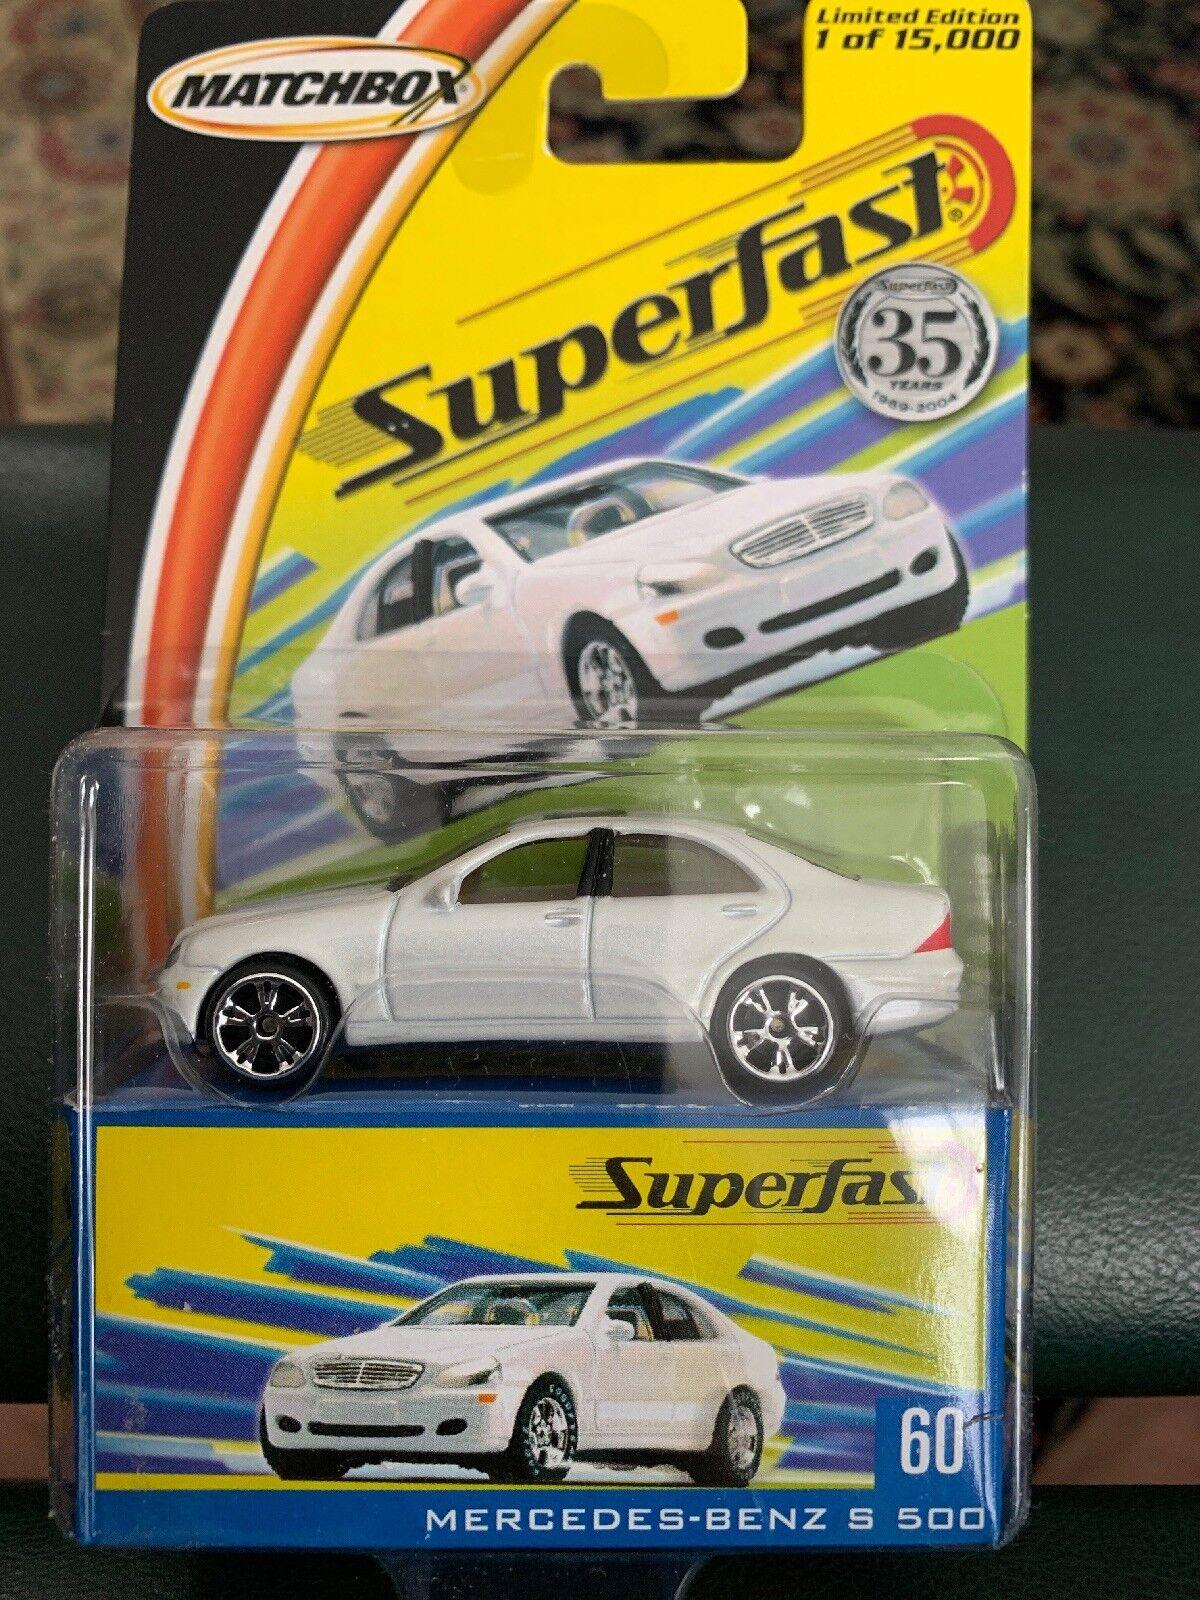 Matchbox Mercedes Benz Benz Benz S 500 blancoo Larga Tarjeta Con Caja Superfast d0d906